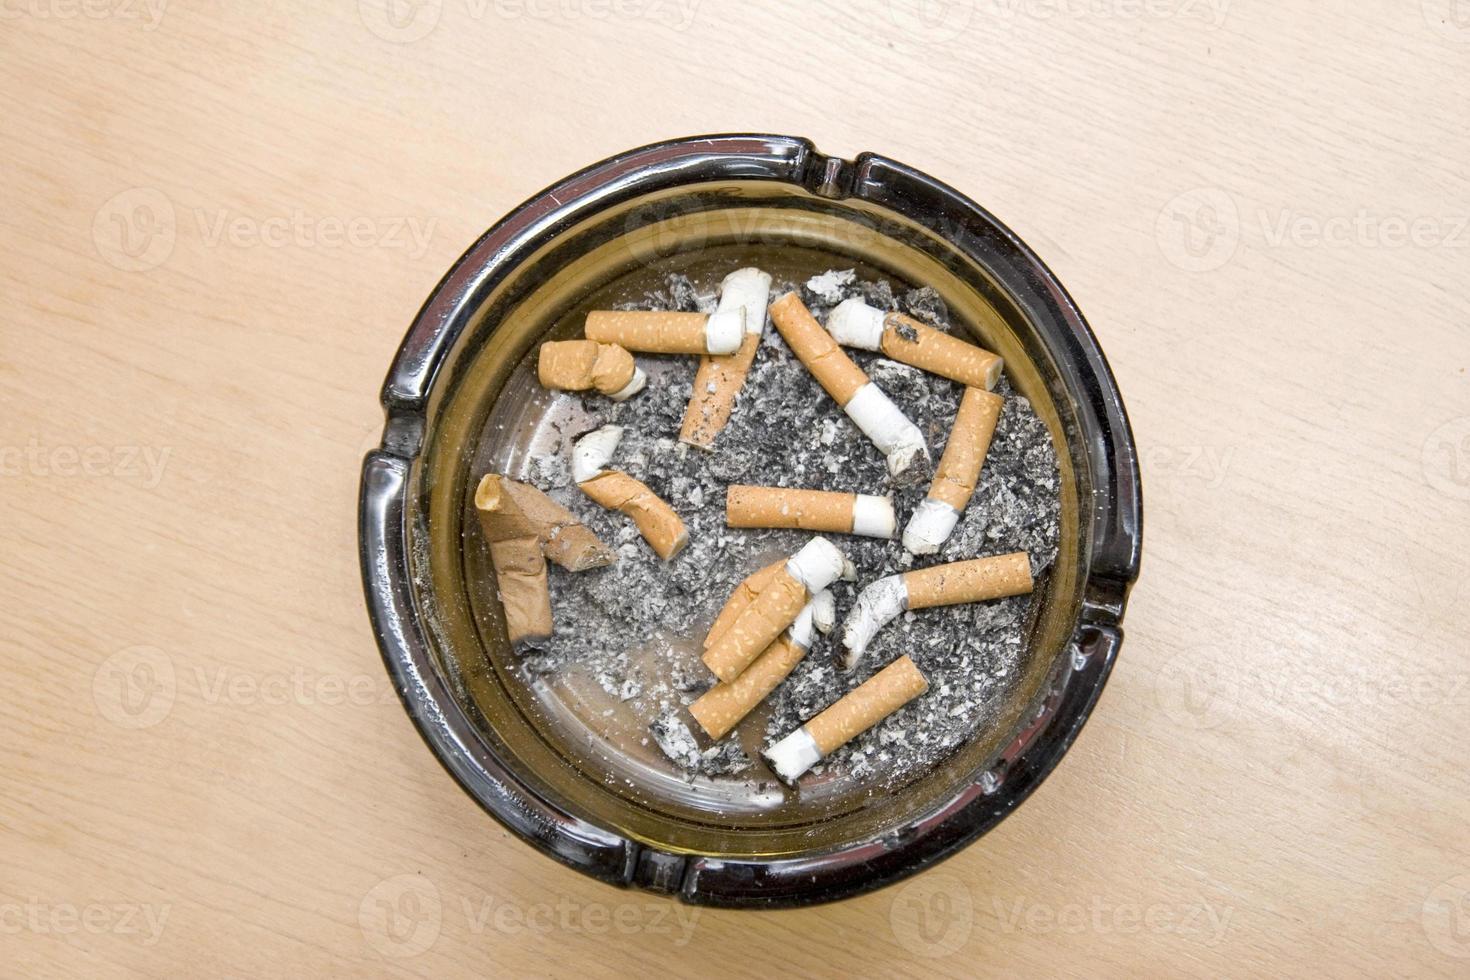 il fumo può essere mortale foto